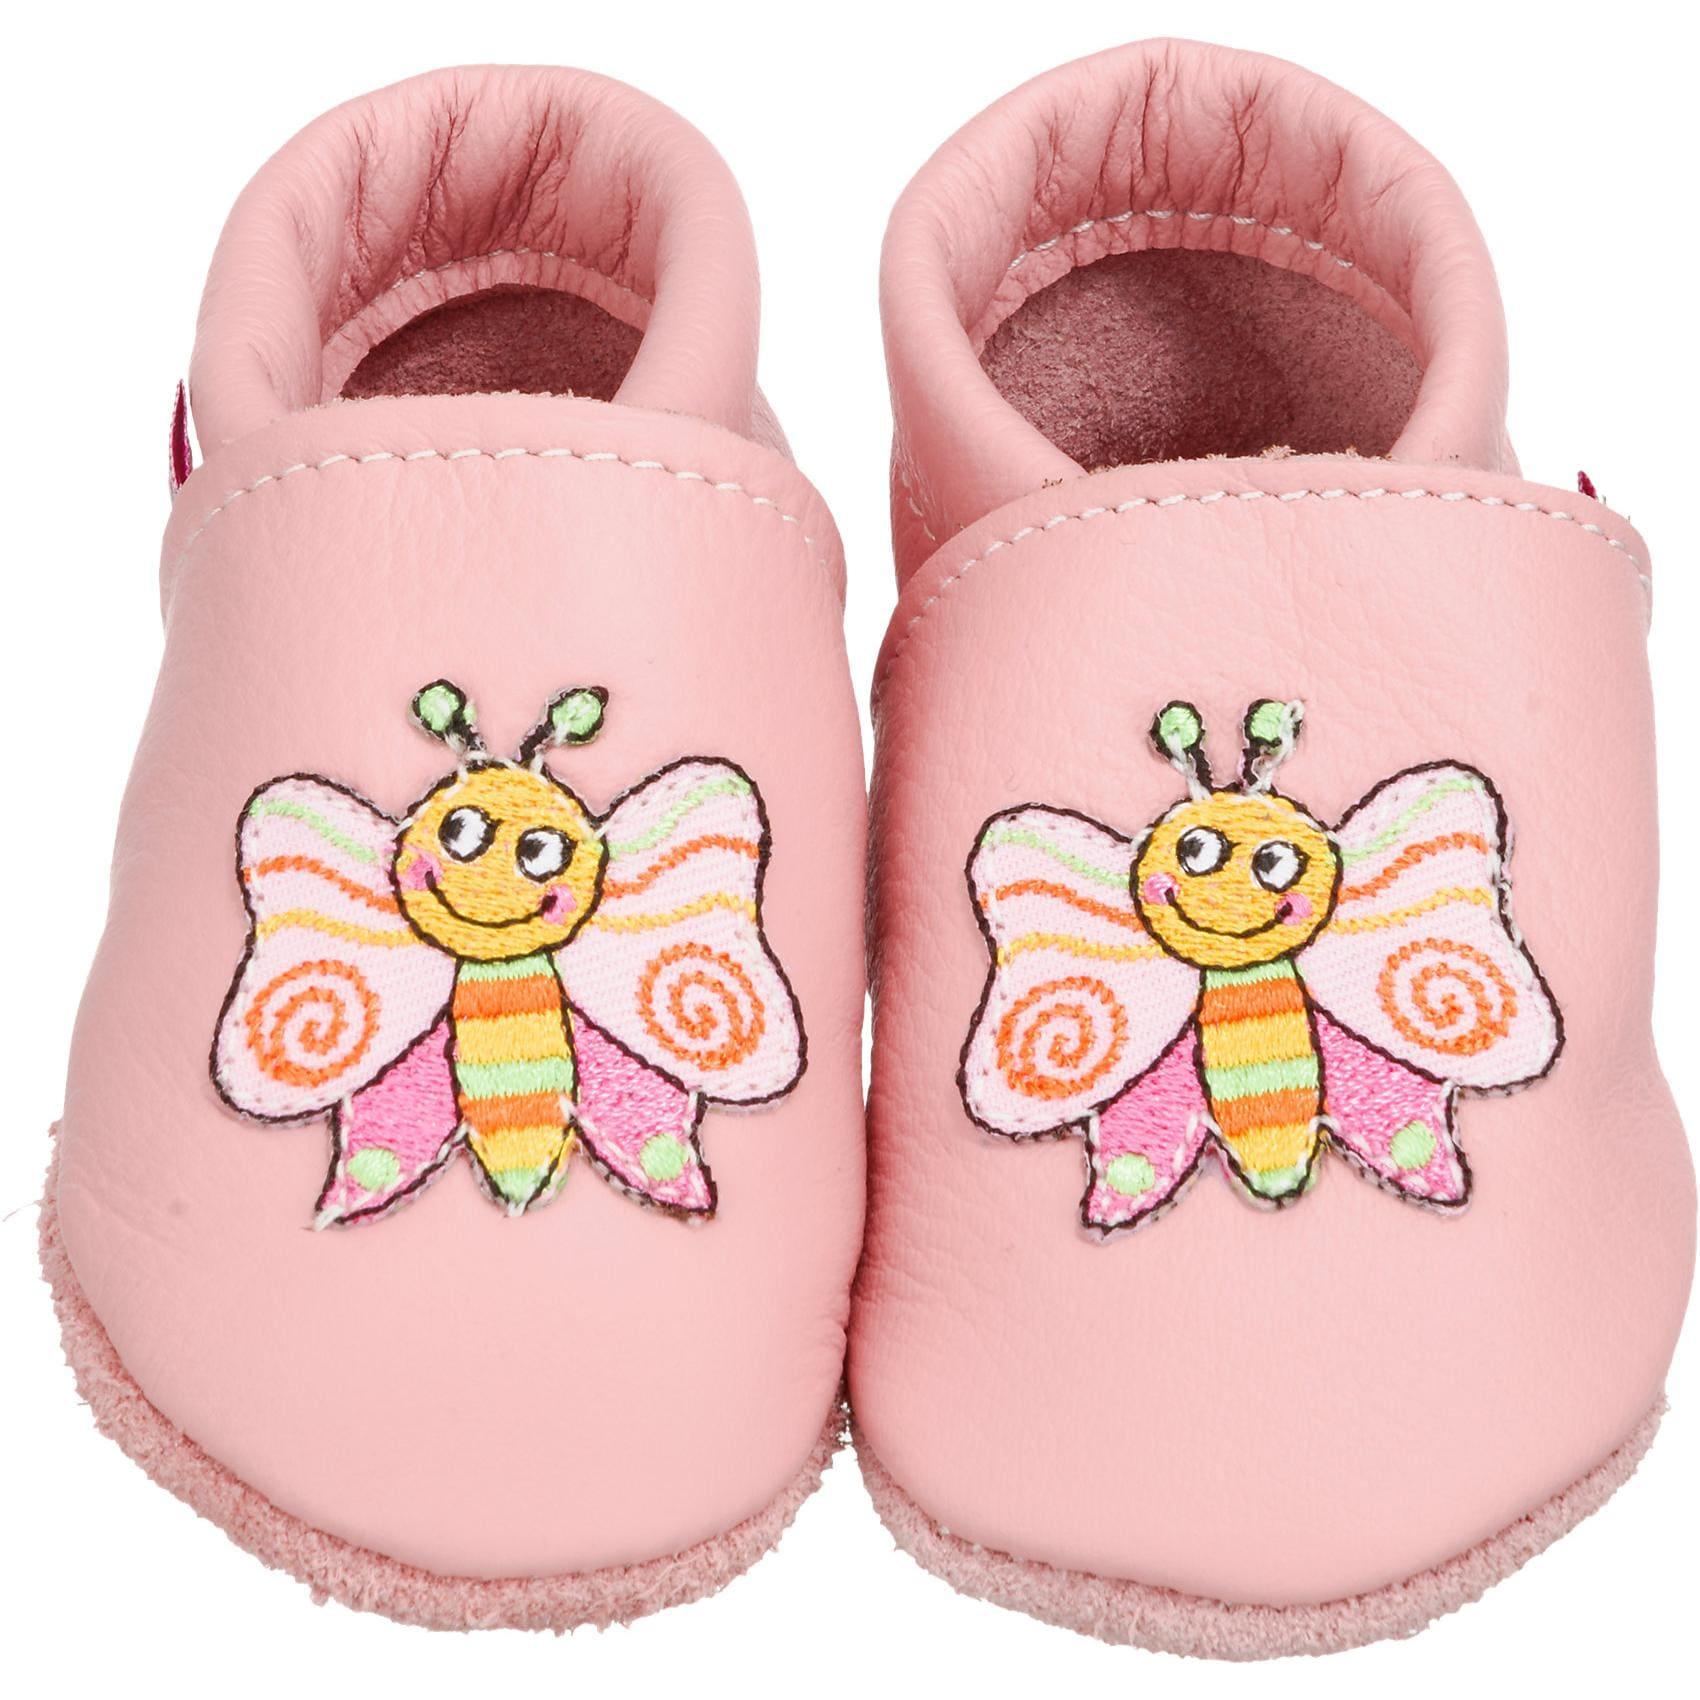 Trostel Krabbelschuhe für Mädchen Schmetterling